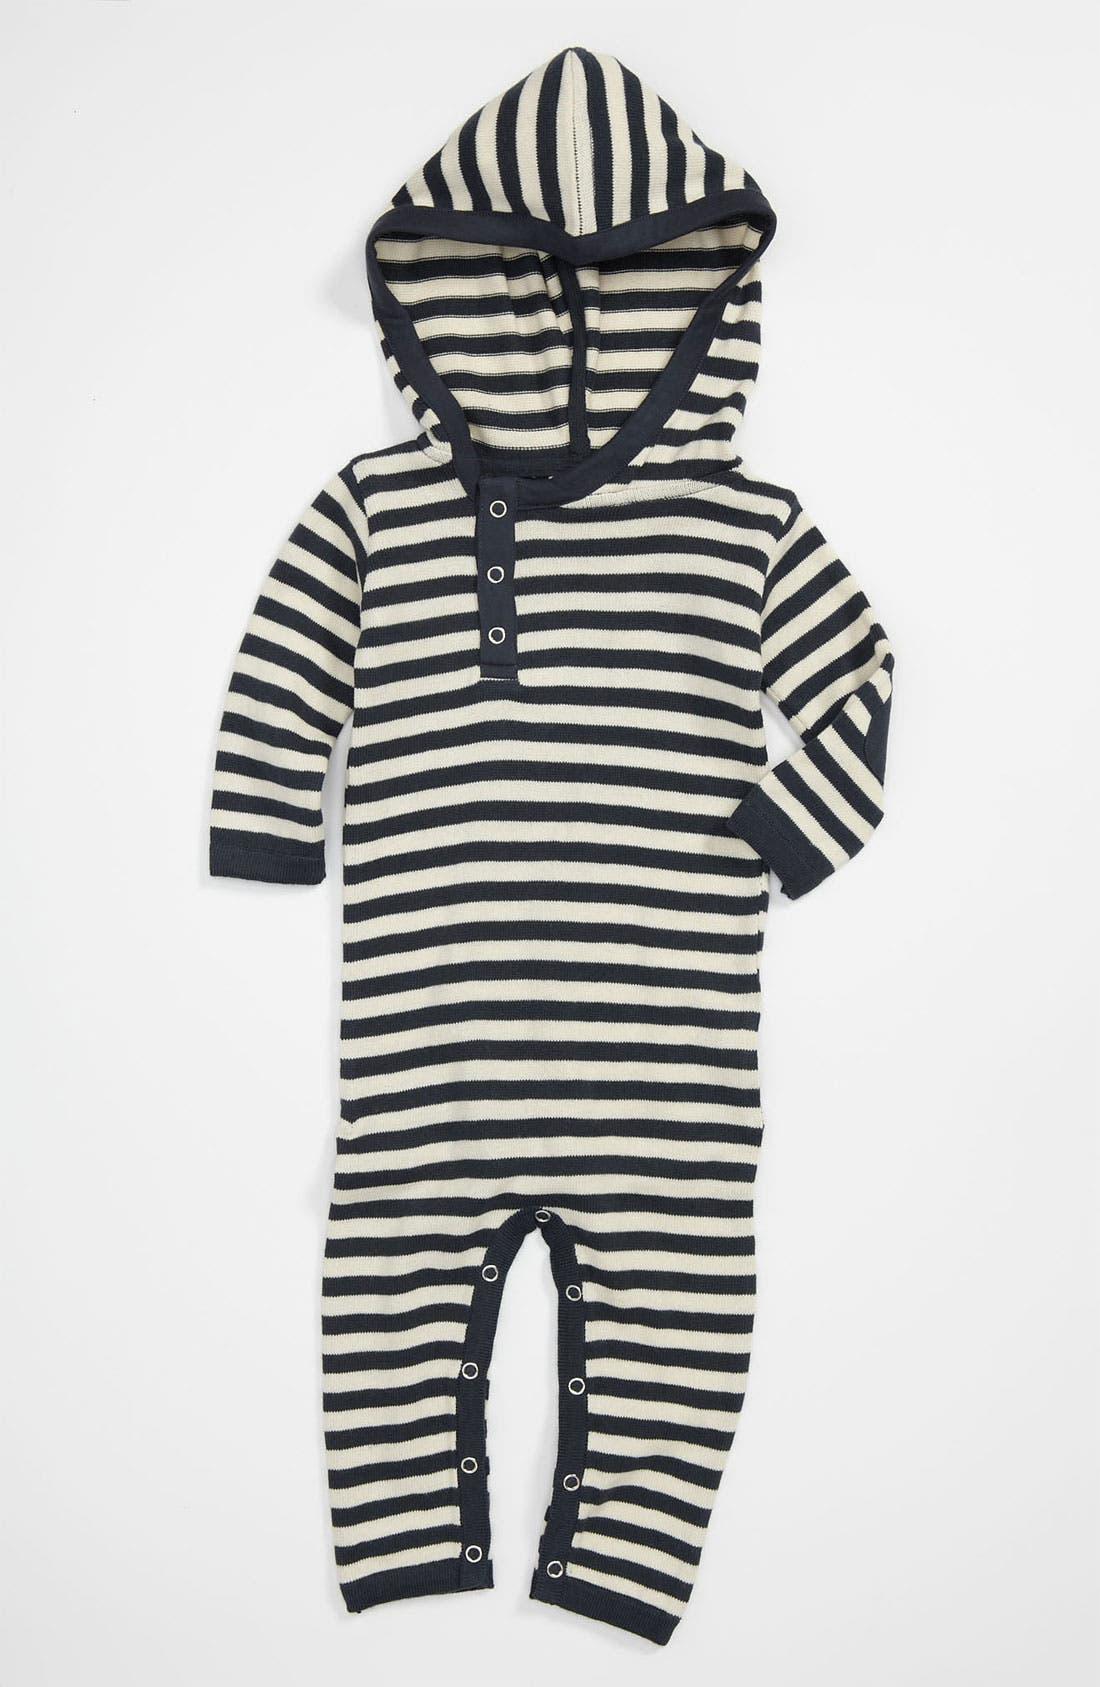 Main Image - Kate Quinn Organics Hooded Romper (Infant)